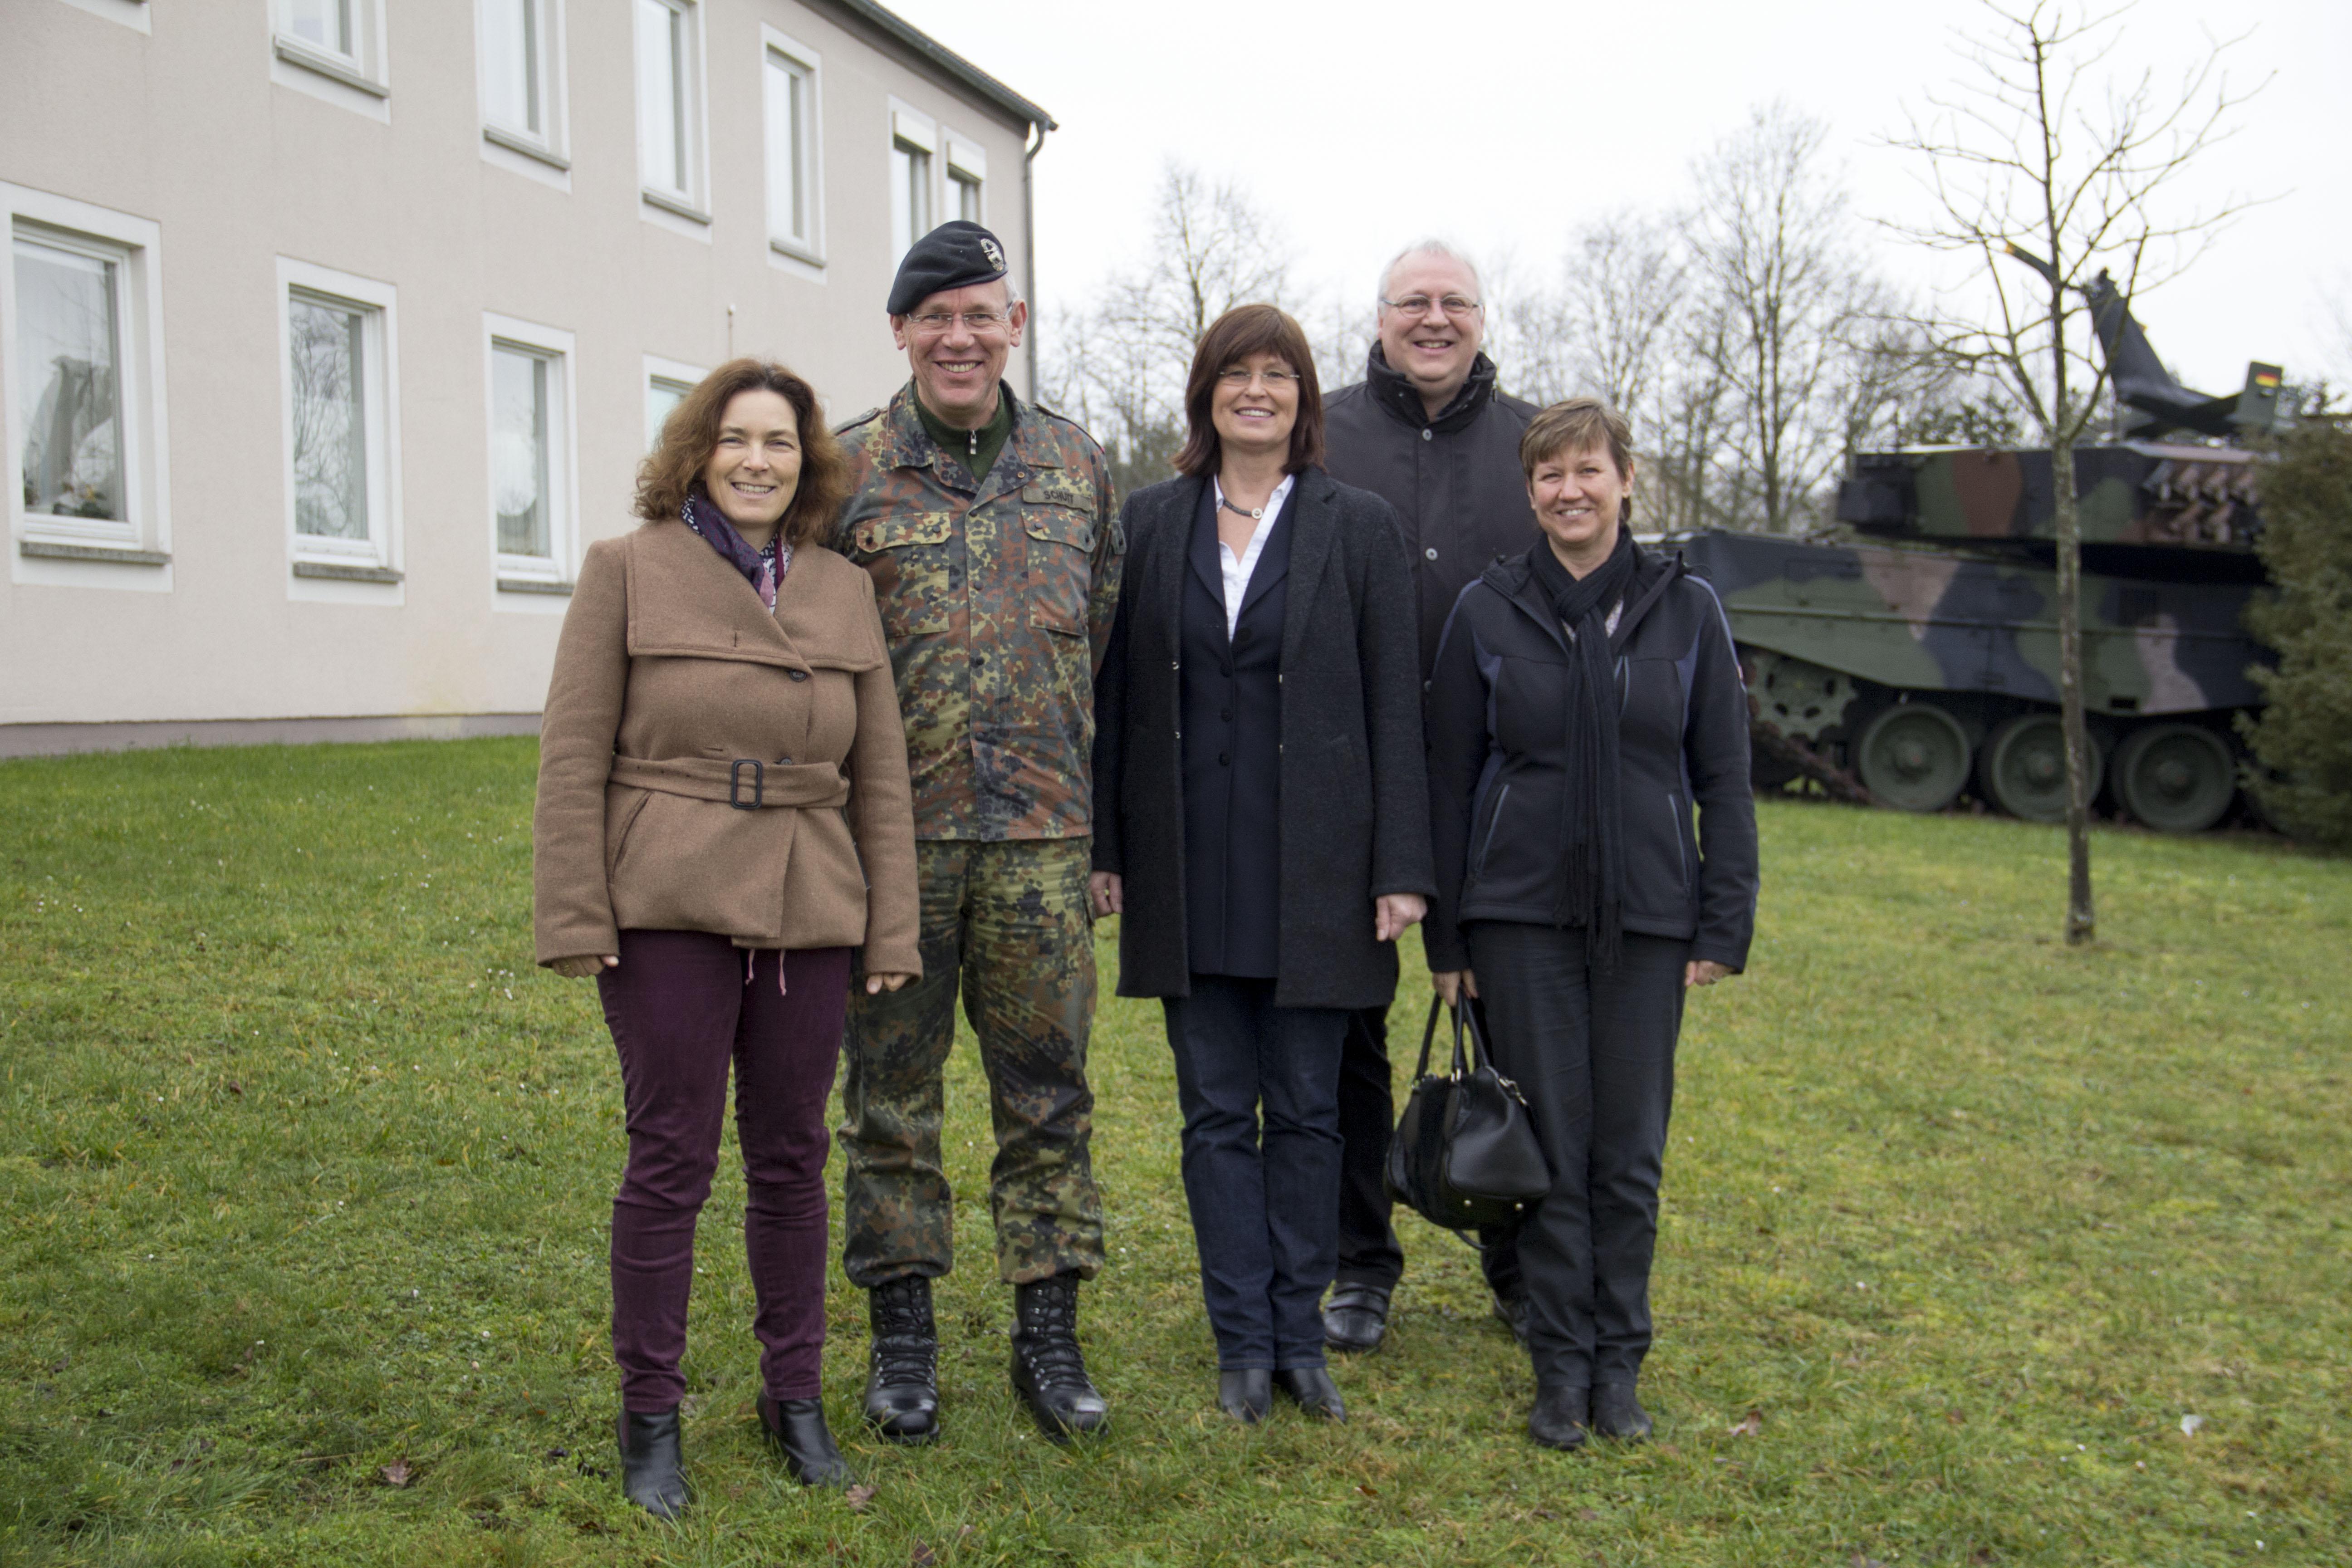 Gruppenfoto, v.l.n.r.: Kerstin Celina; Divisionskommandeur Generalmajor Bernd Schütt; Stellvertretende Landrätin Karen Heußner; Gerhard Kraft, Mitarbeiter MdL Celina; Bezirksrätin Bärbel Imhof.